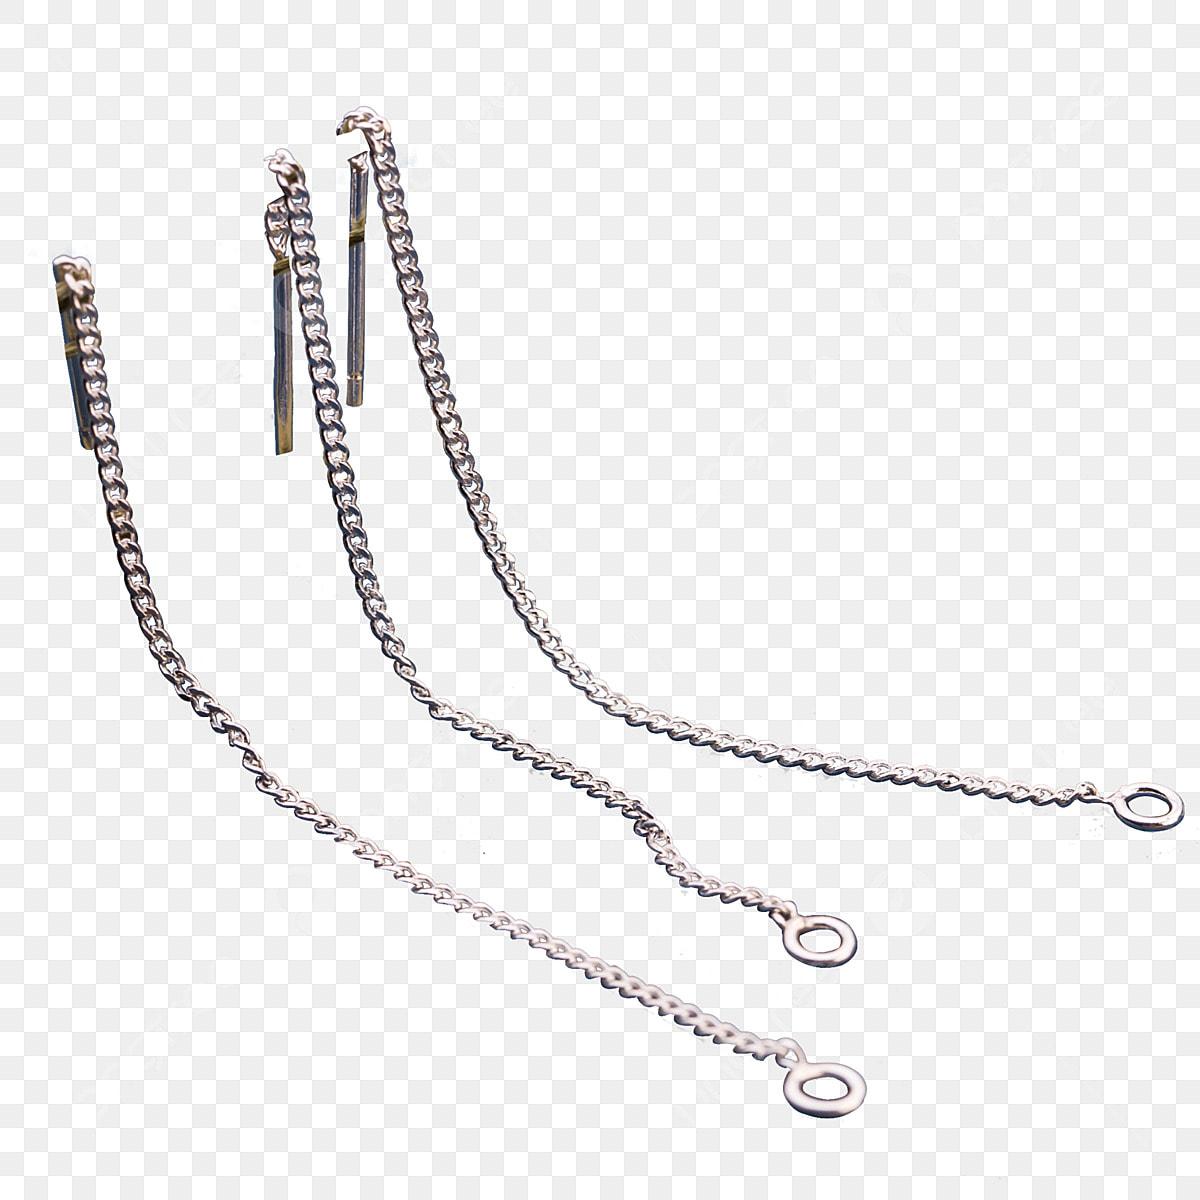 gambar tiga kalung perhiasan putih kalung barang kemas rantai png dan psd untuk muat turun percuma pngtree